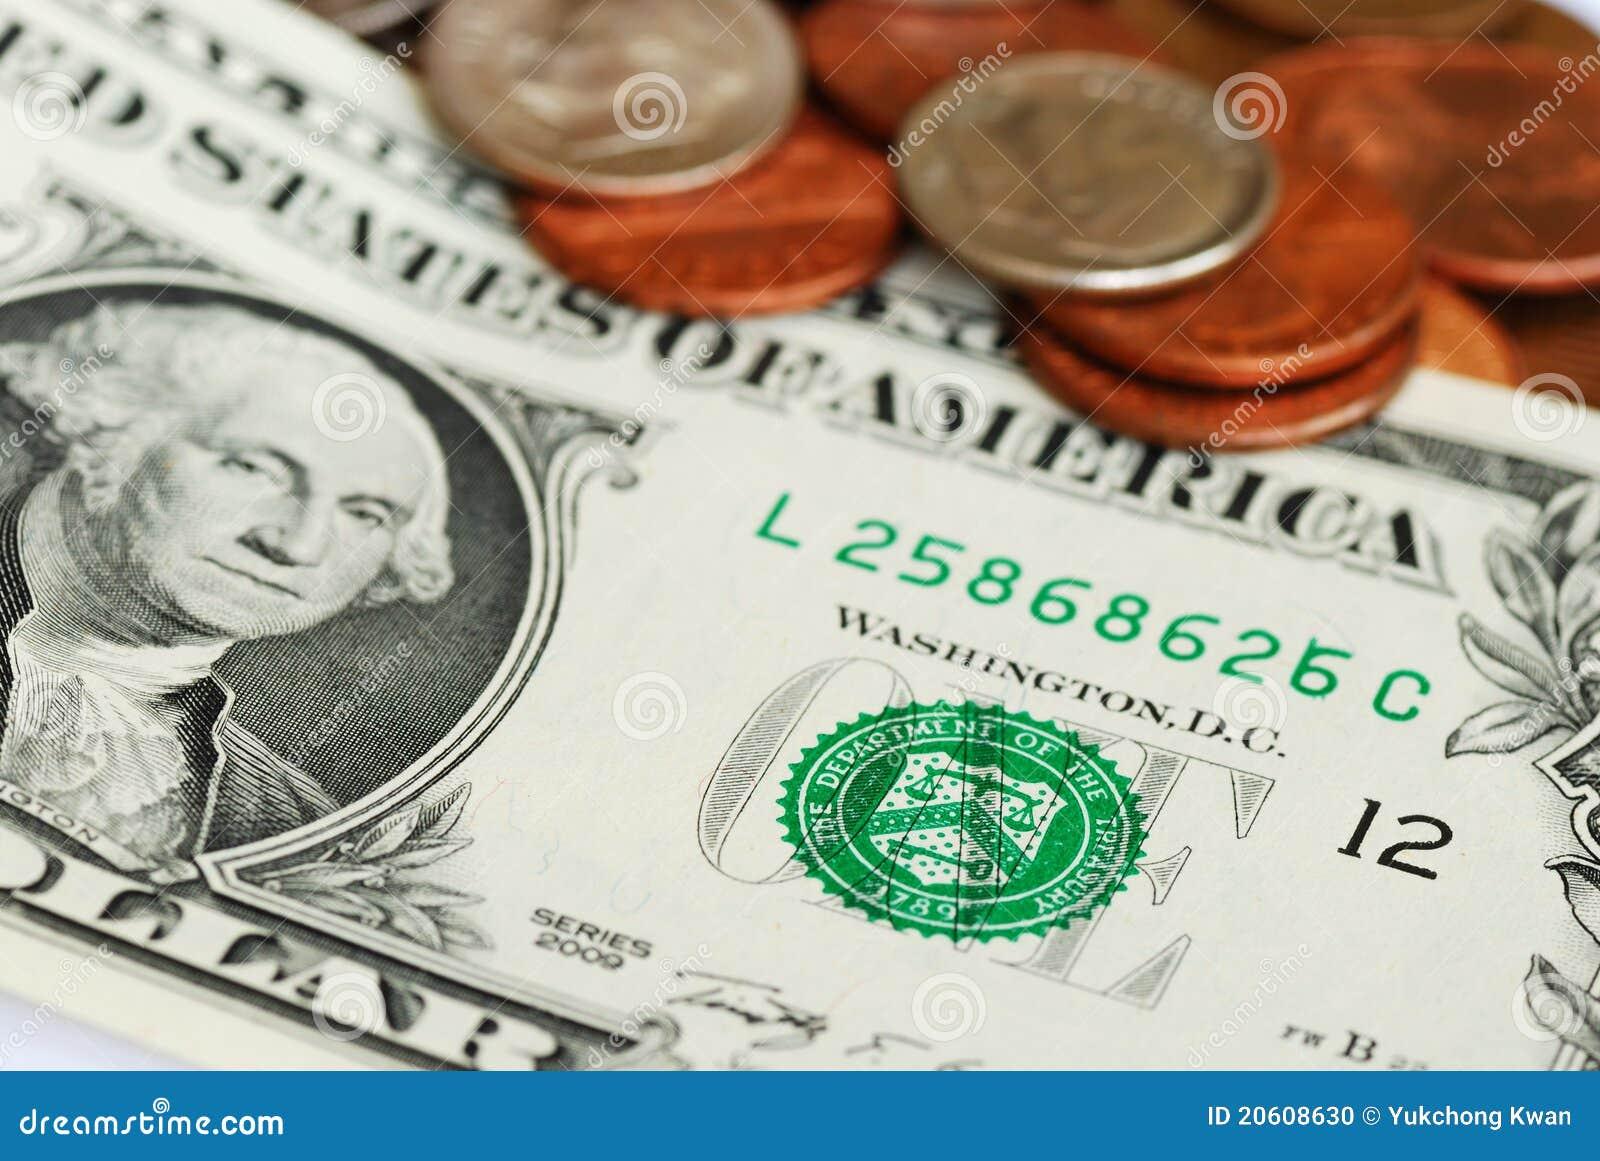 Ein Dollarschein und einige Münzen